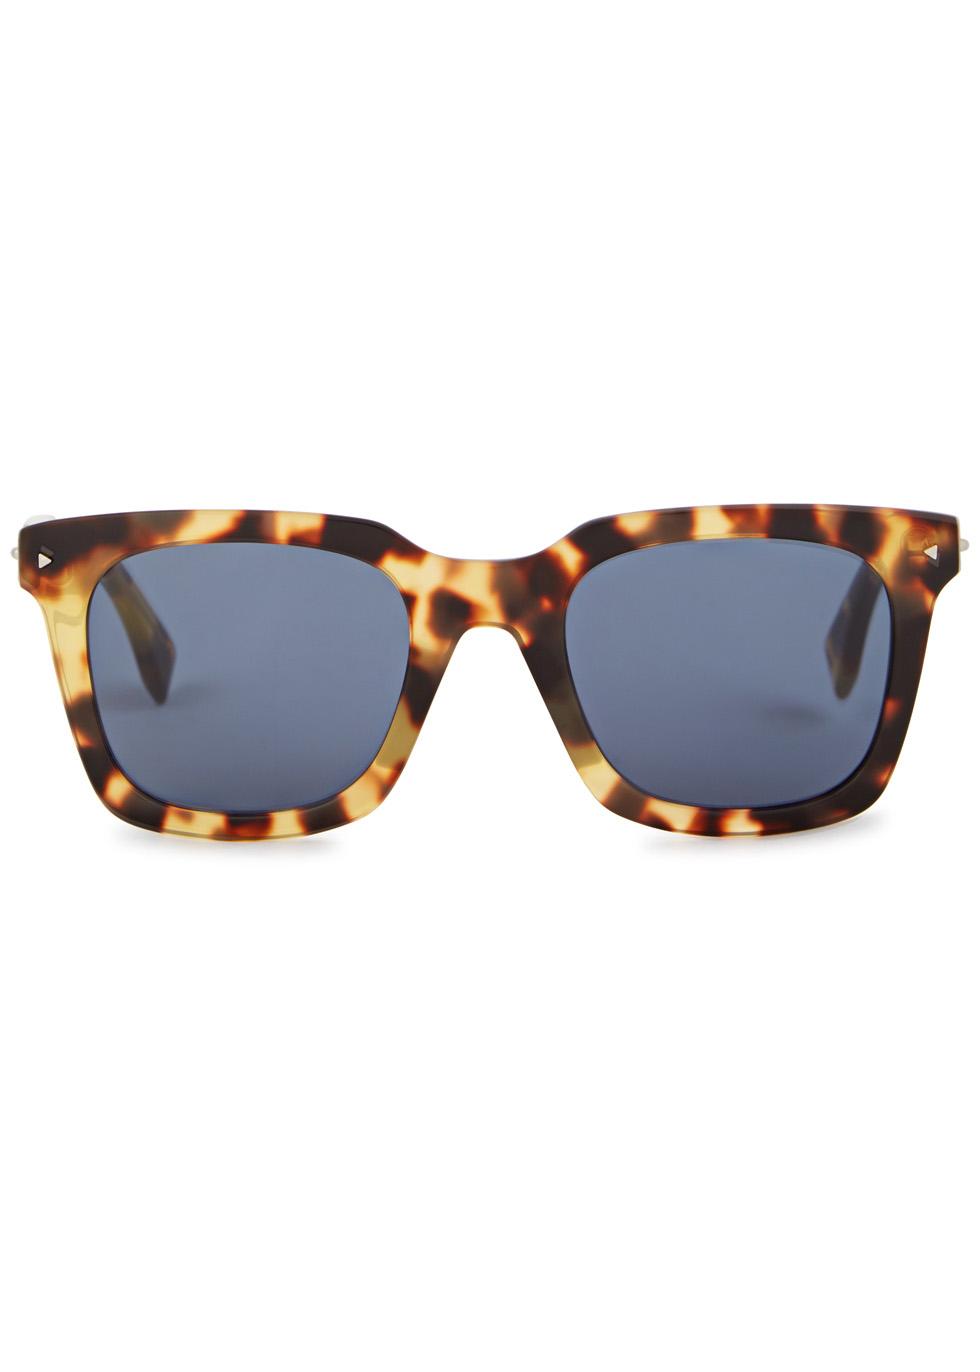 Tortoiseshell square-frame sunglasses - Fendi